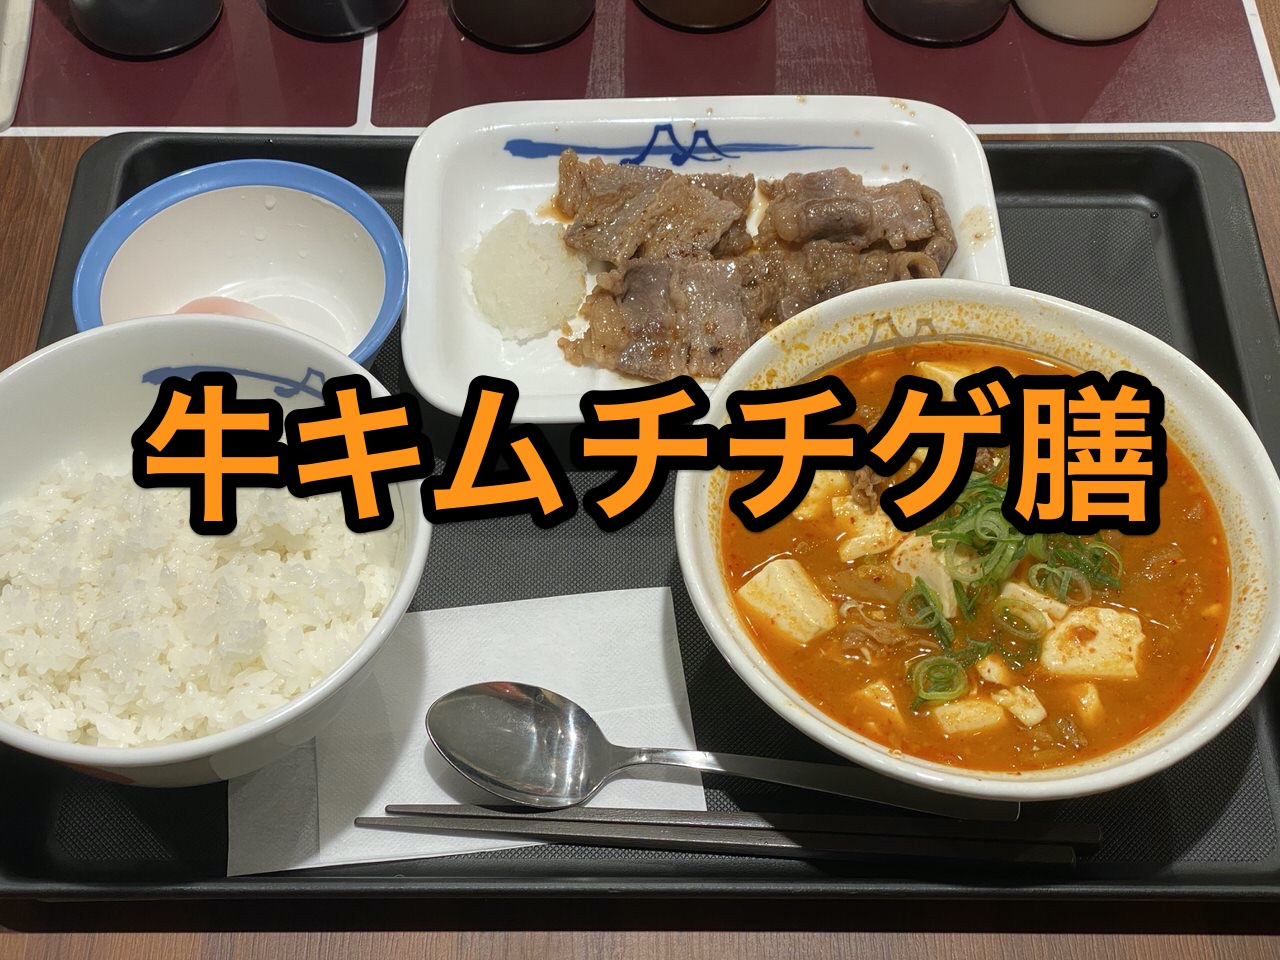 【松屋】肉1.8倍増し&自社製富士山キムチの「牛キムチチゲ膳」食べてみた